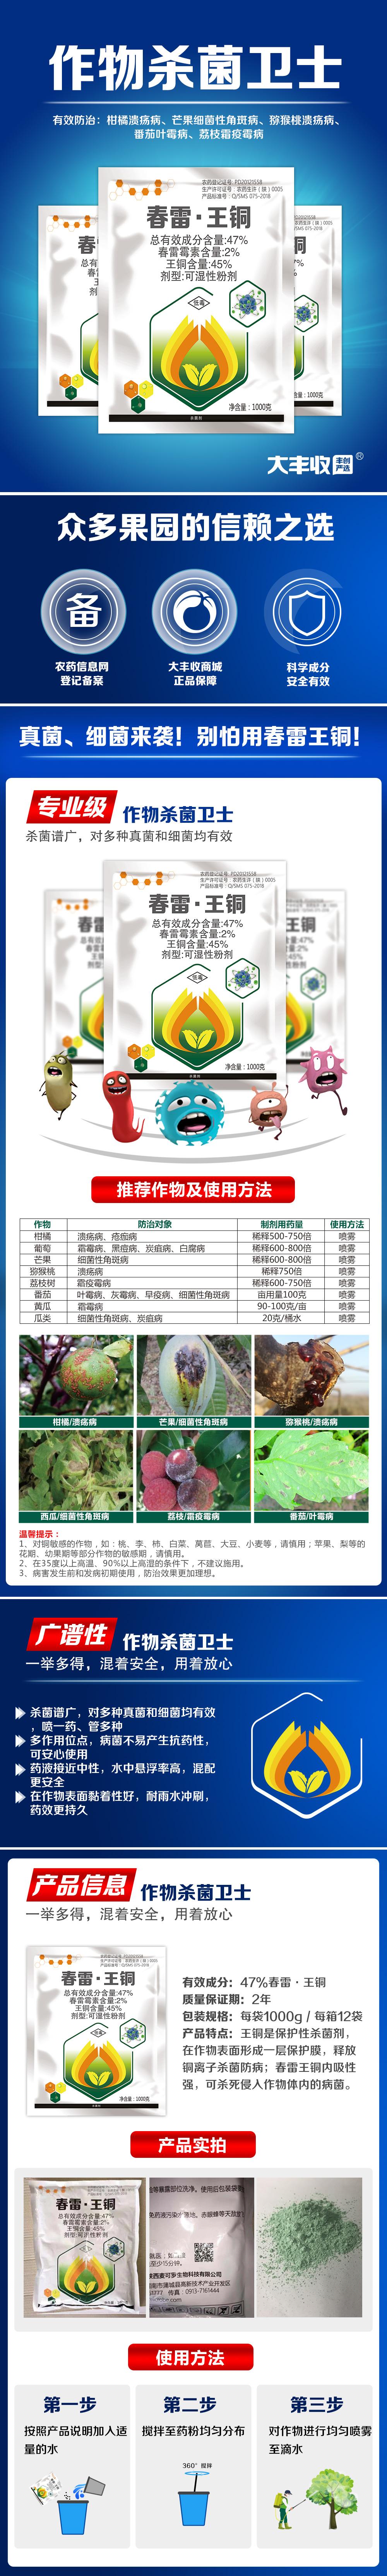 【丰创严选】47%春雷•王铜可湿性粉剂1000g.jpg